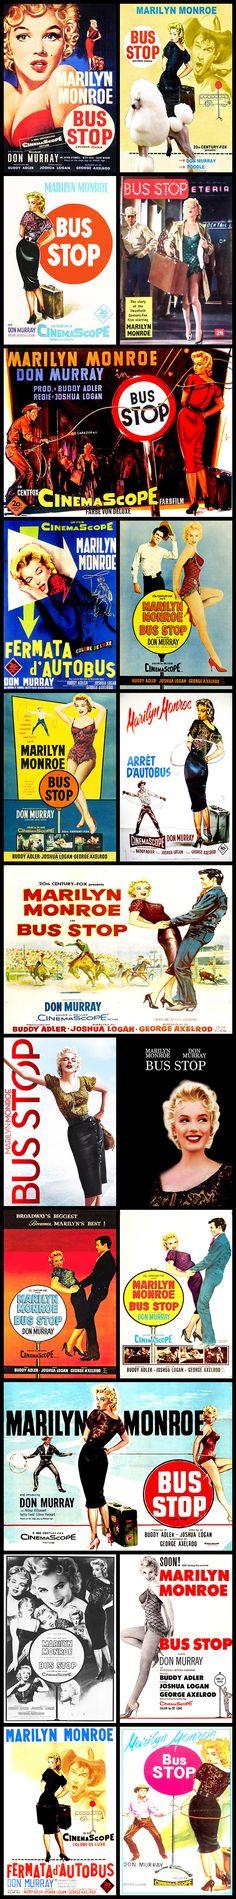 1956, Marilyn Monroe, Movie, Posters, Film, Bus Stop